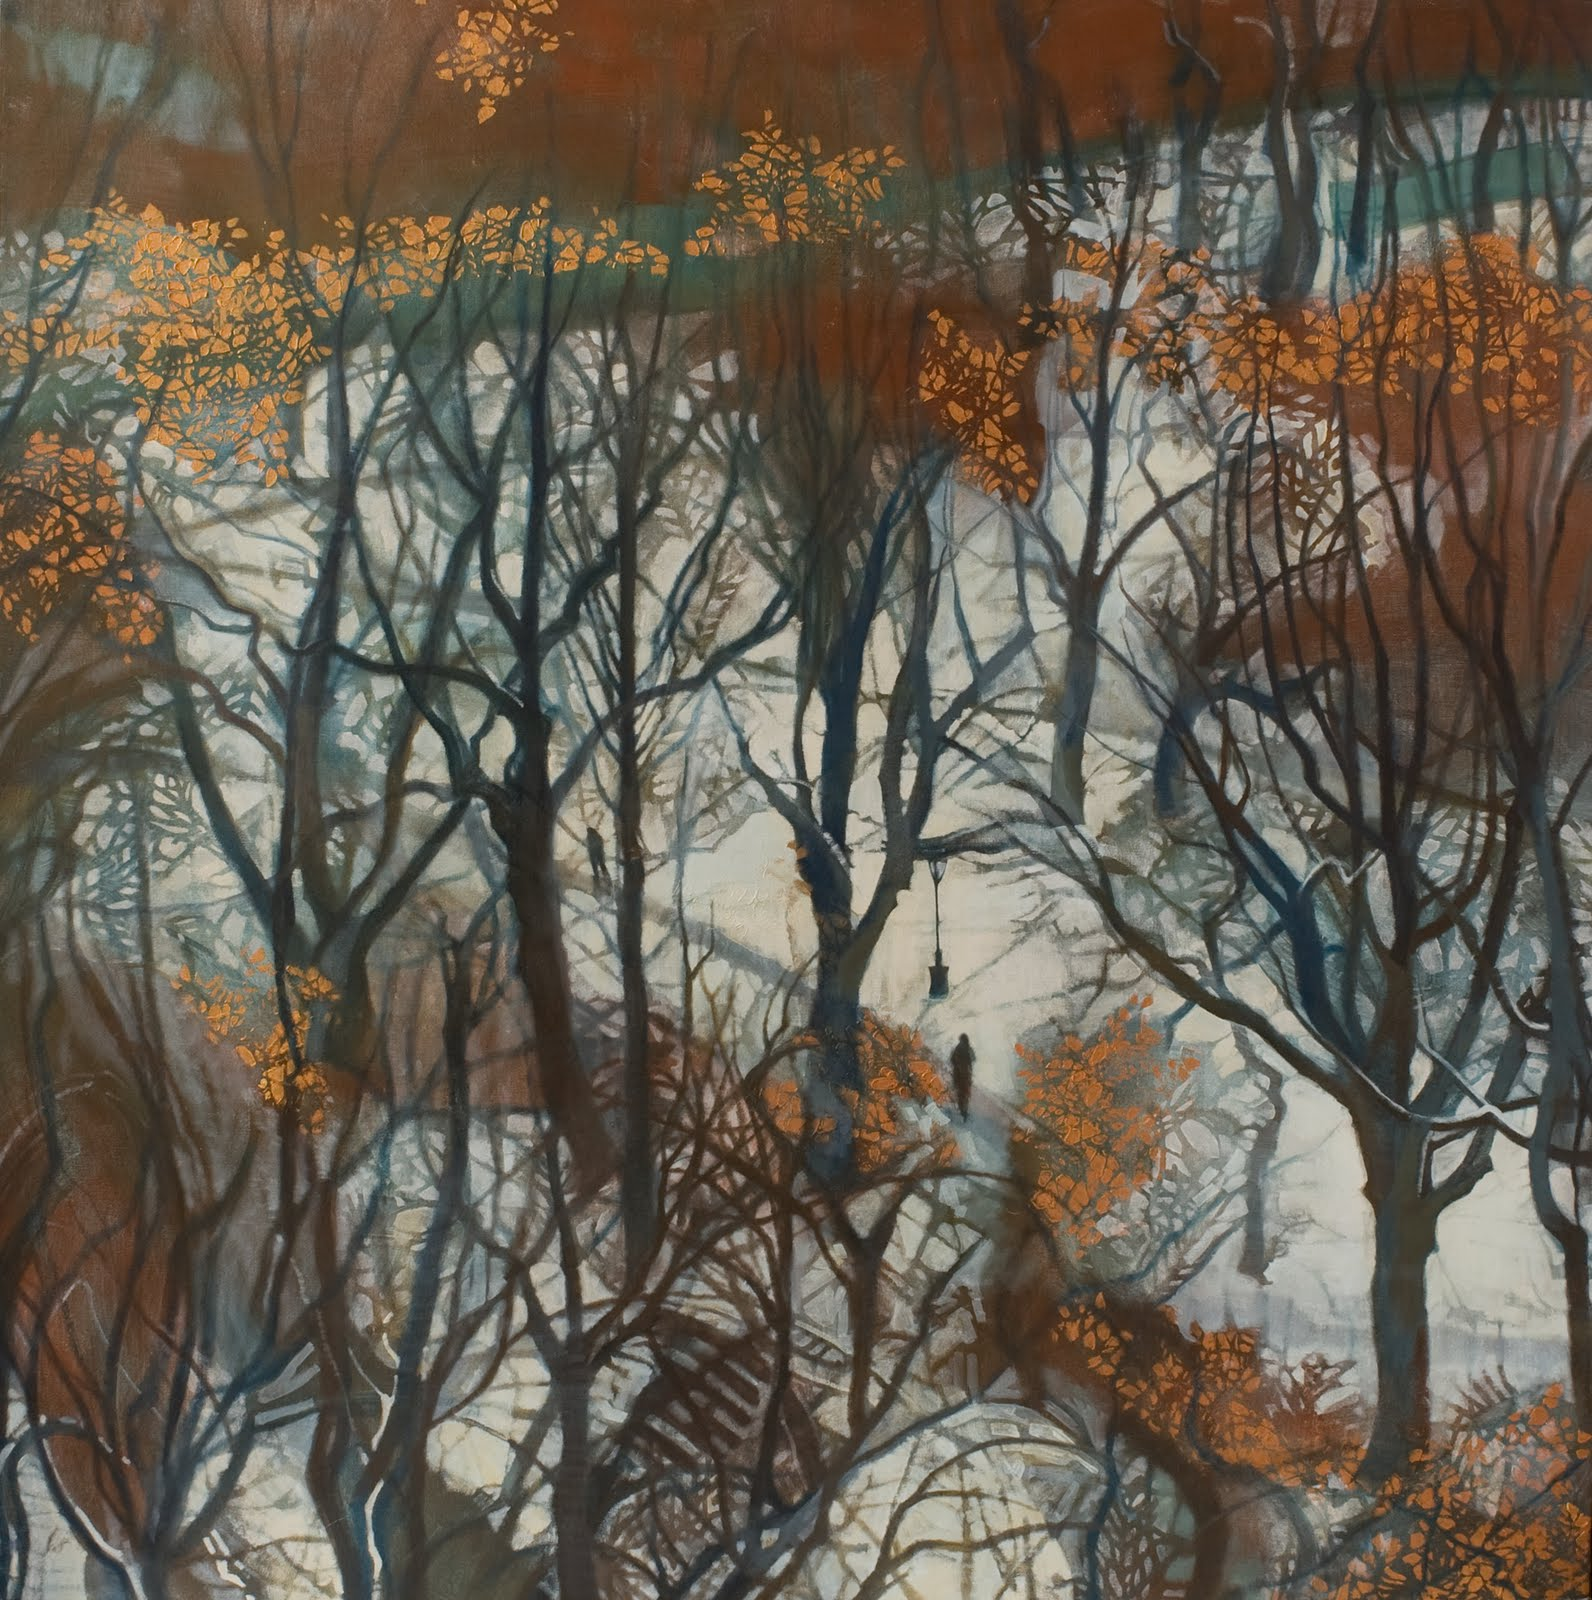 """""""Last November (Central Park)"""", Oil on linen, 44""""x 44""""x 2.5"""", 2008"""